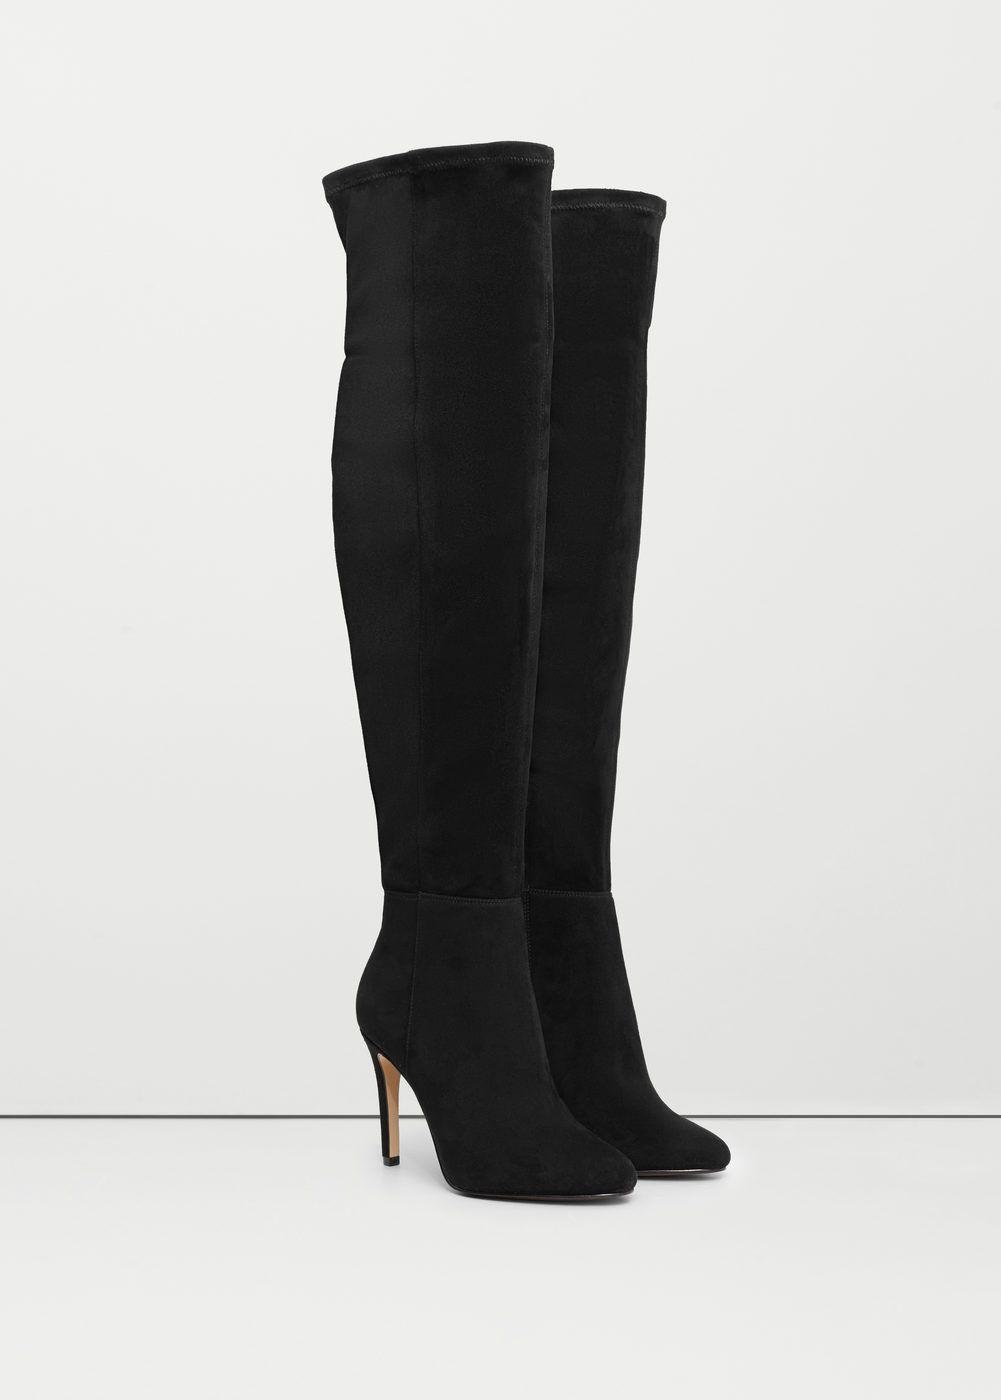 Bottes à talons xl - Femme   Liste kdo   Pinterest   Chaussure ... 1f6ce93649da